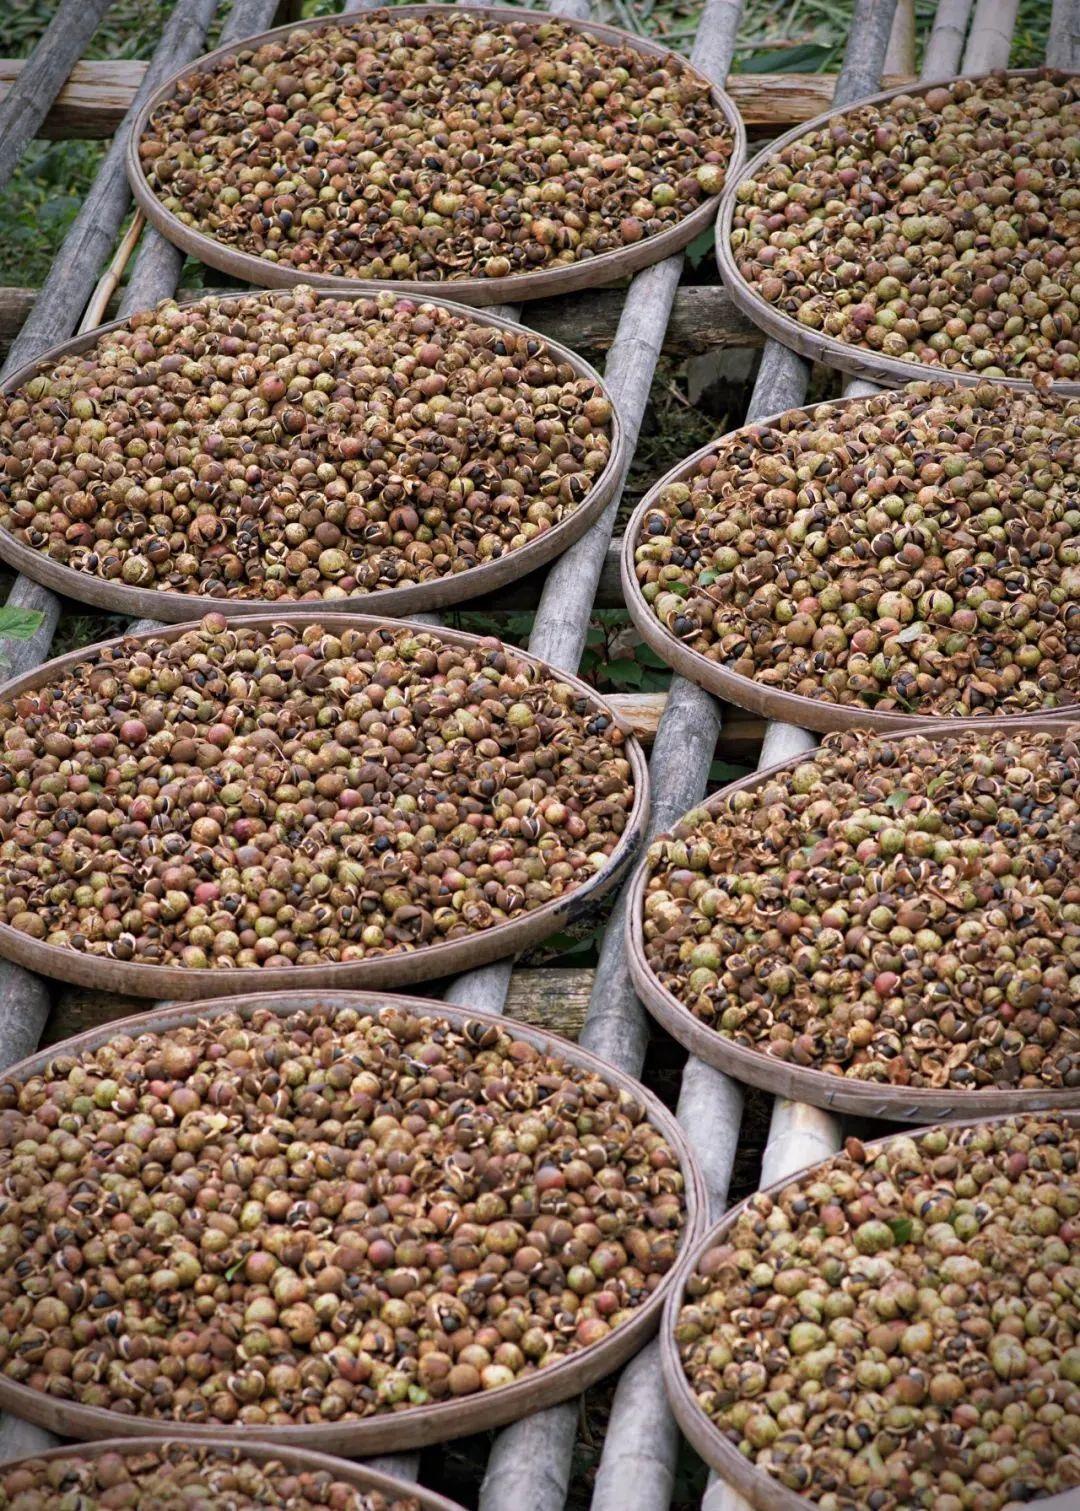 皖南故乡的山茶油,民族的味道为何能打动世界?凤凰网凰家尚品